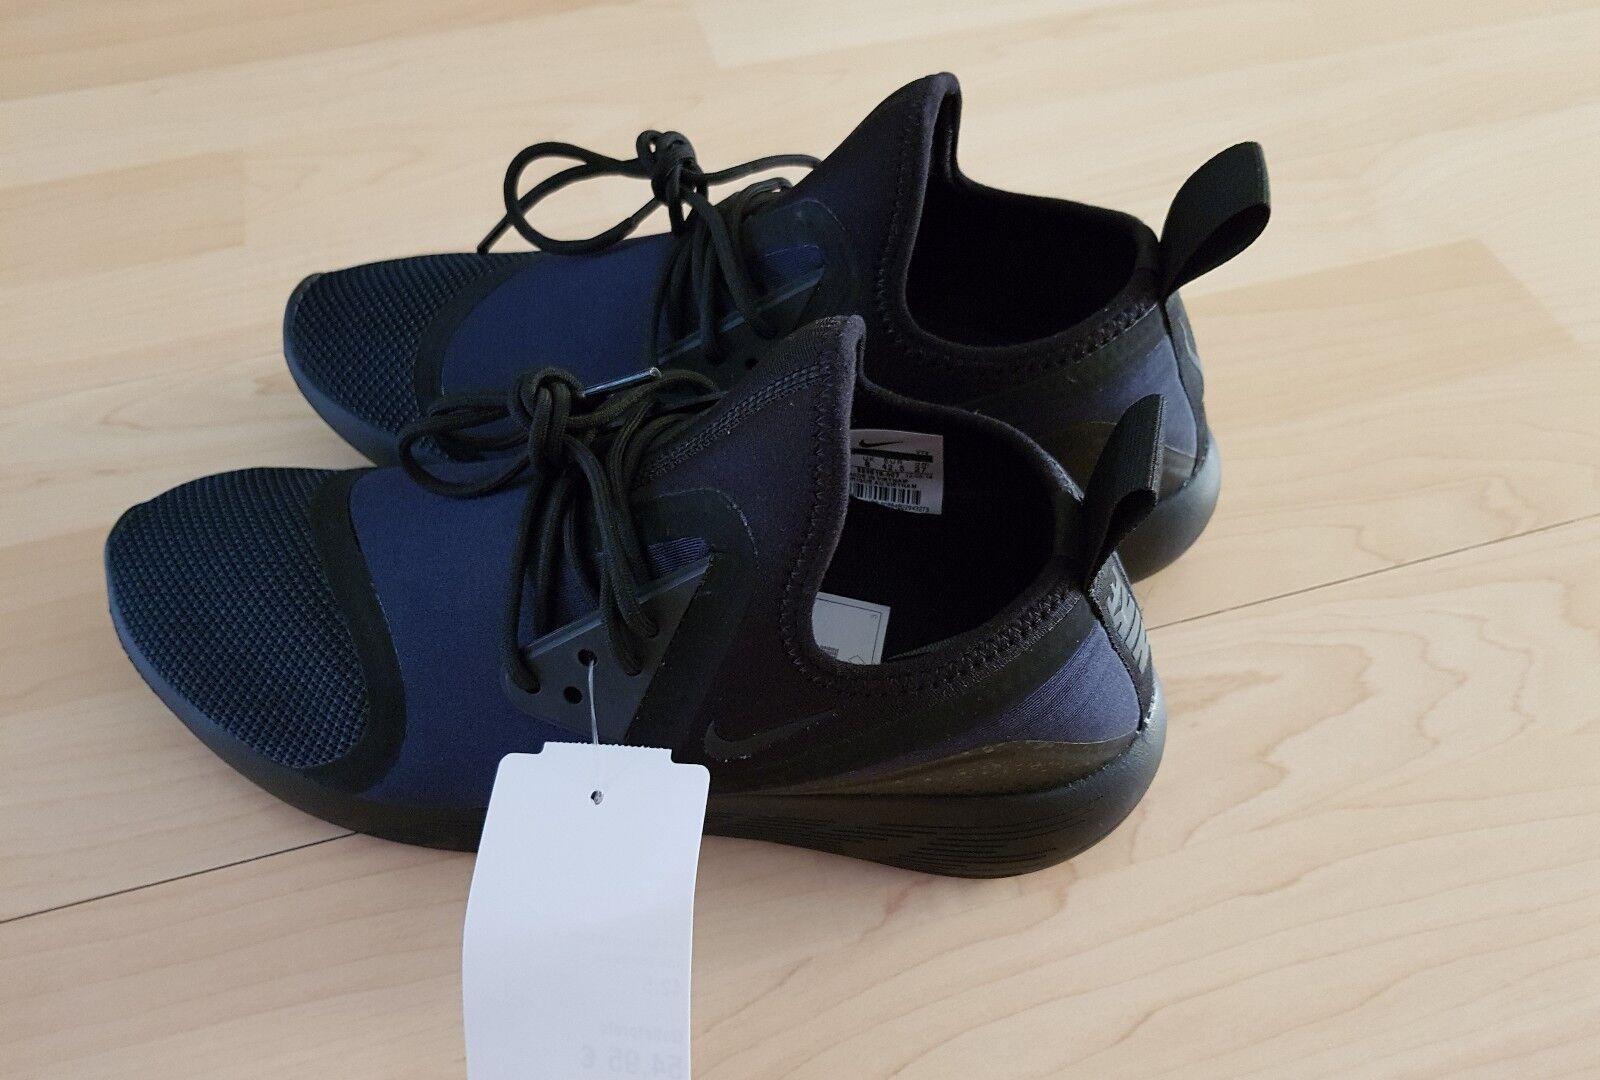 Schuhe Herrenschuhe Freizeitschuhe Nike Gr 42,5 Farbe dunkelblau neu mit Etikett